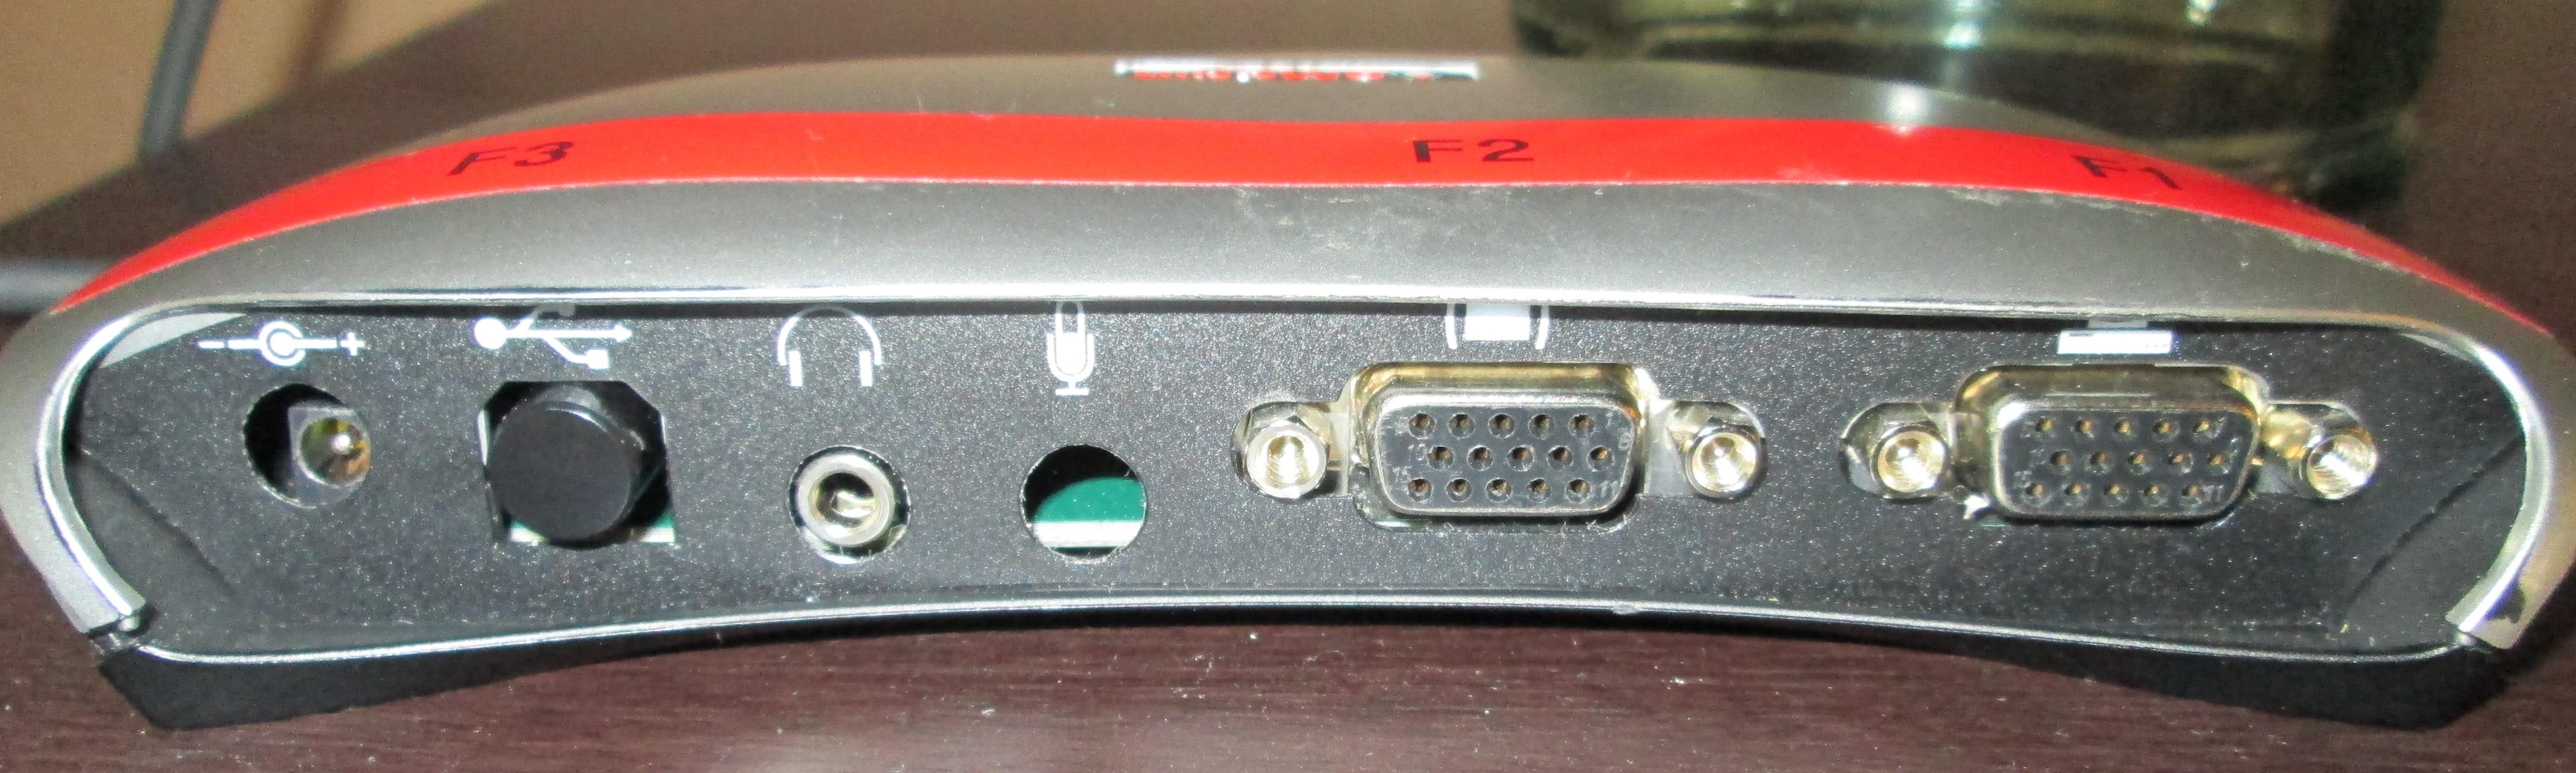 dual input board eMagin Tekgear